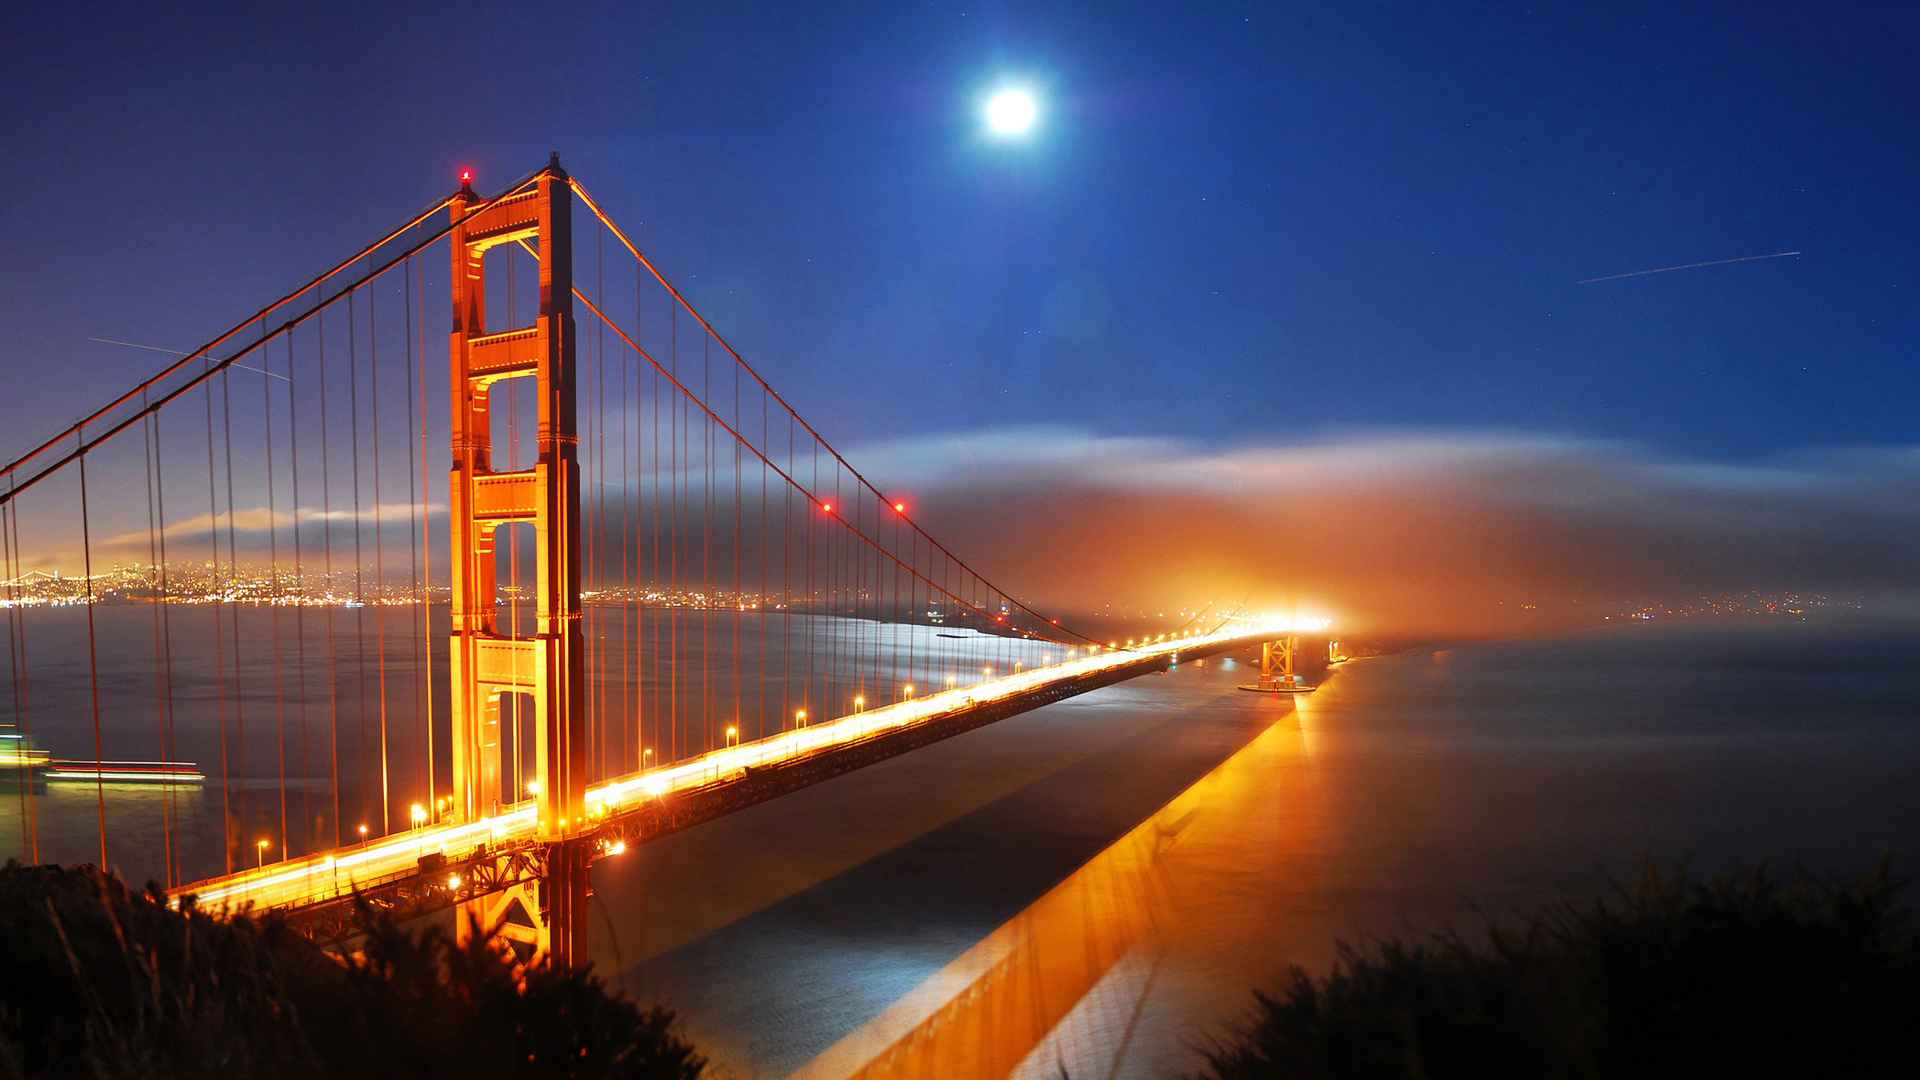 Golden Gate Bridge 1920x1080 Download Hd Wallpaper Wallpapertip